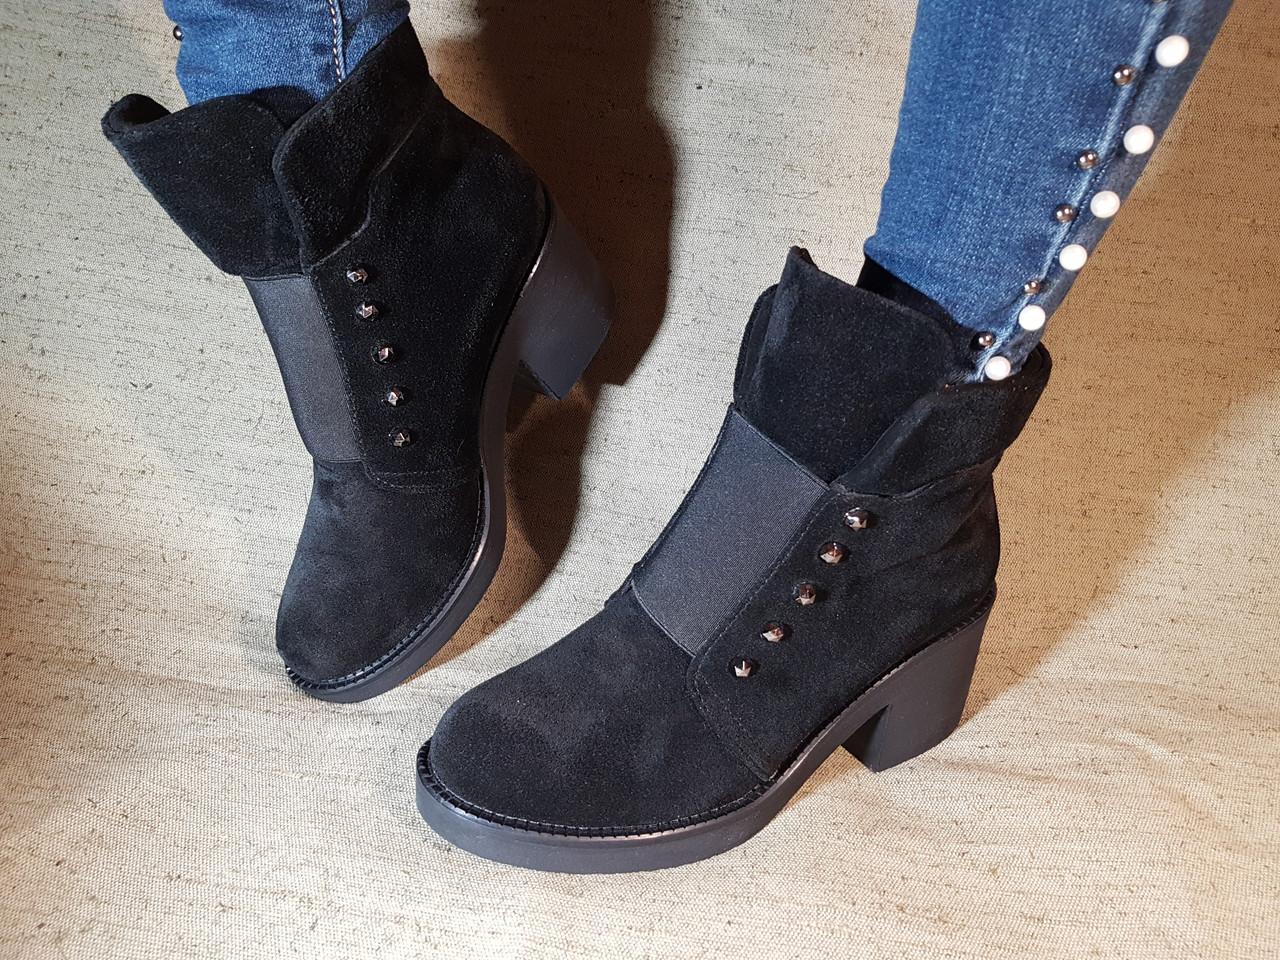 46df438c Ботинки из натуральной замши черного цвета, на удобном устойчивом каблуке